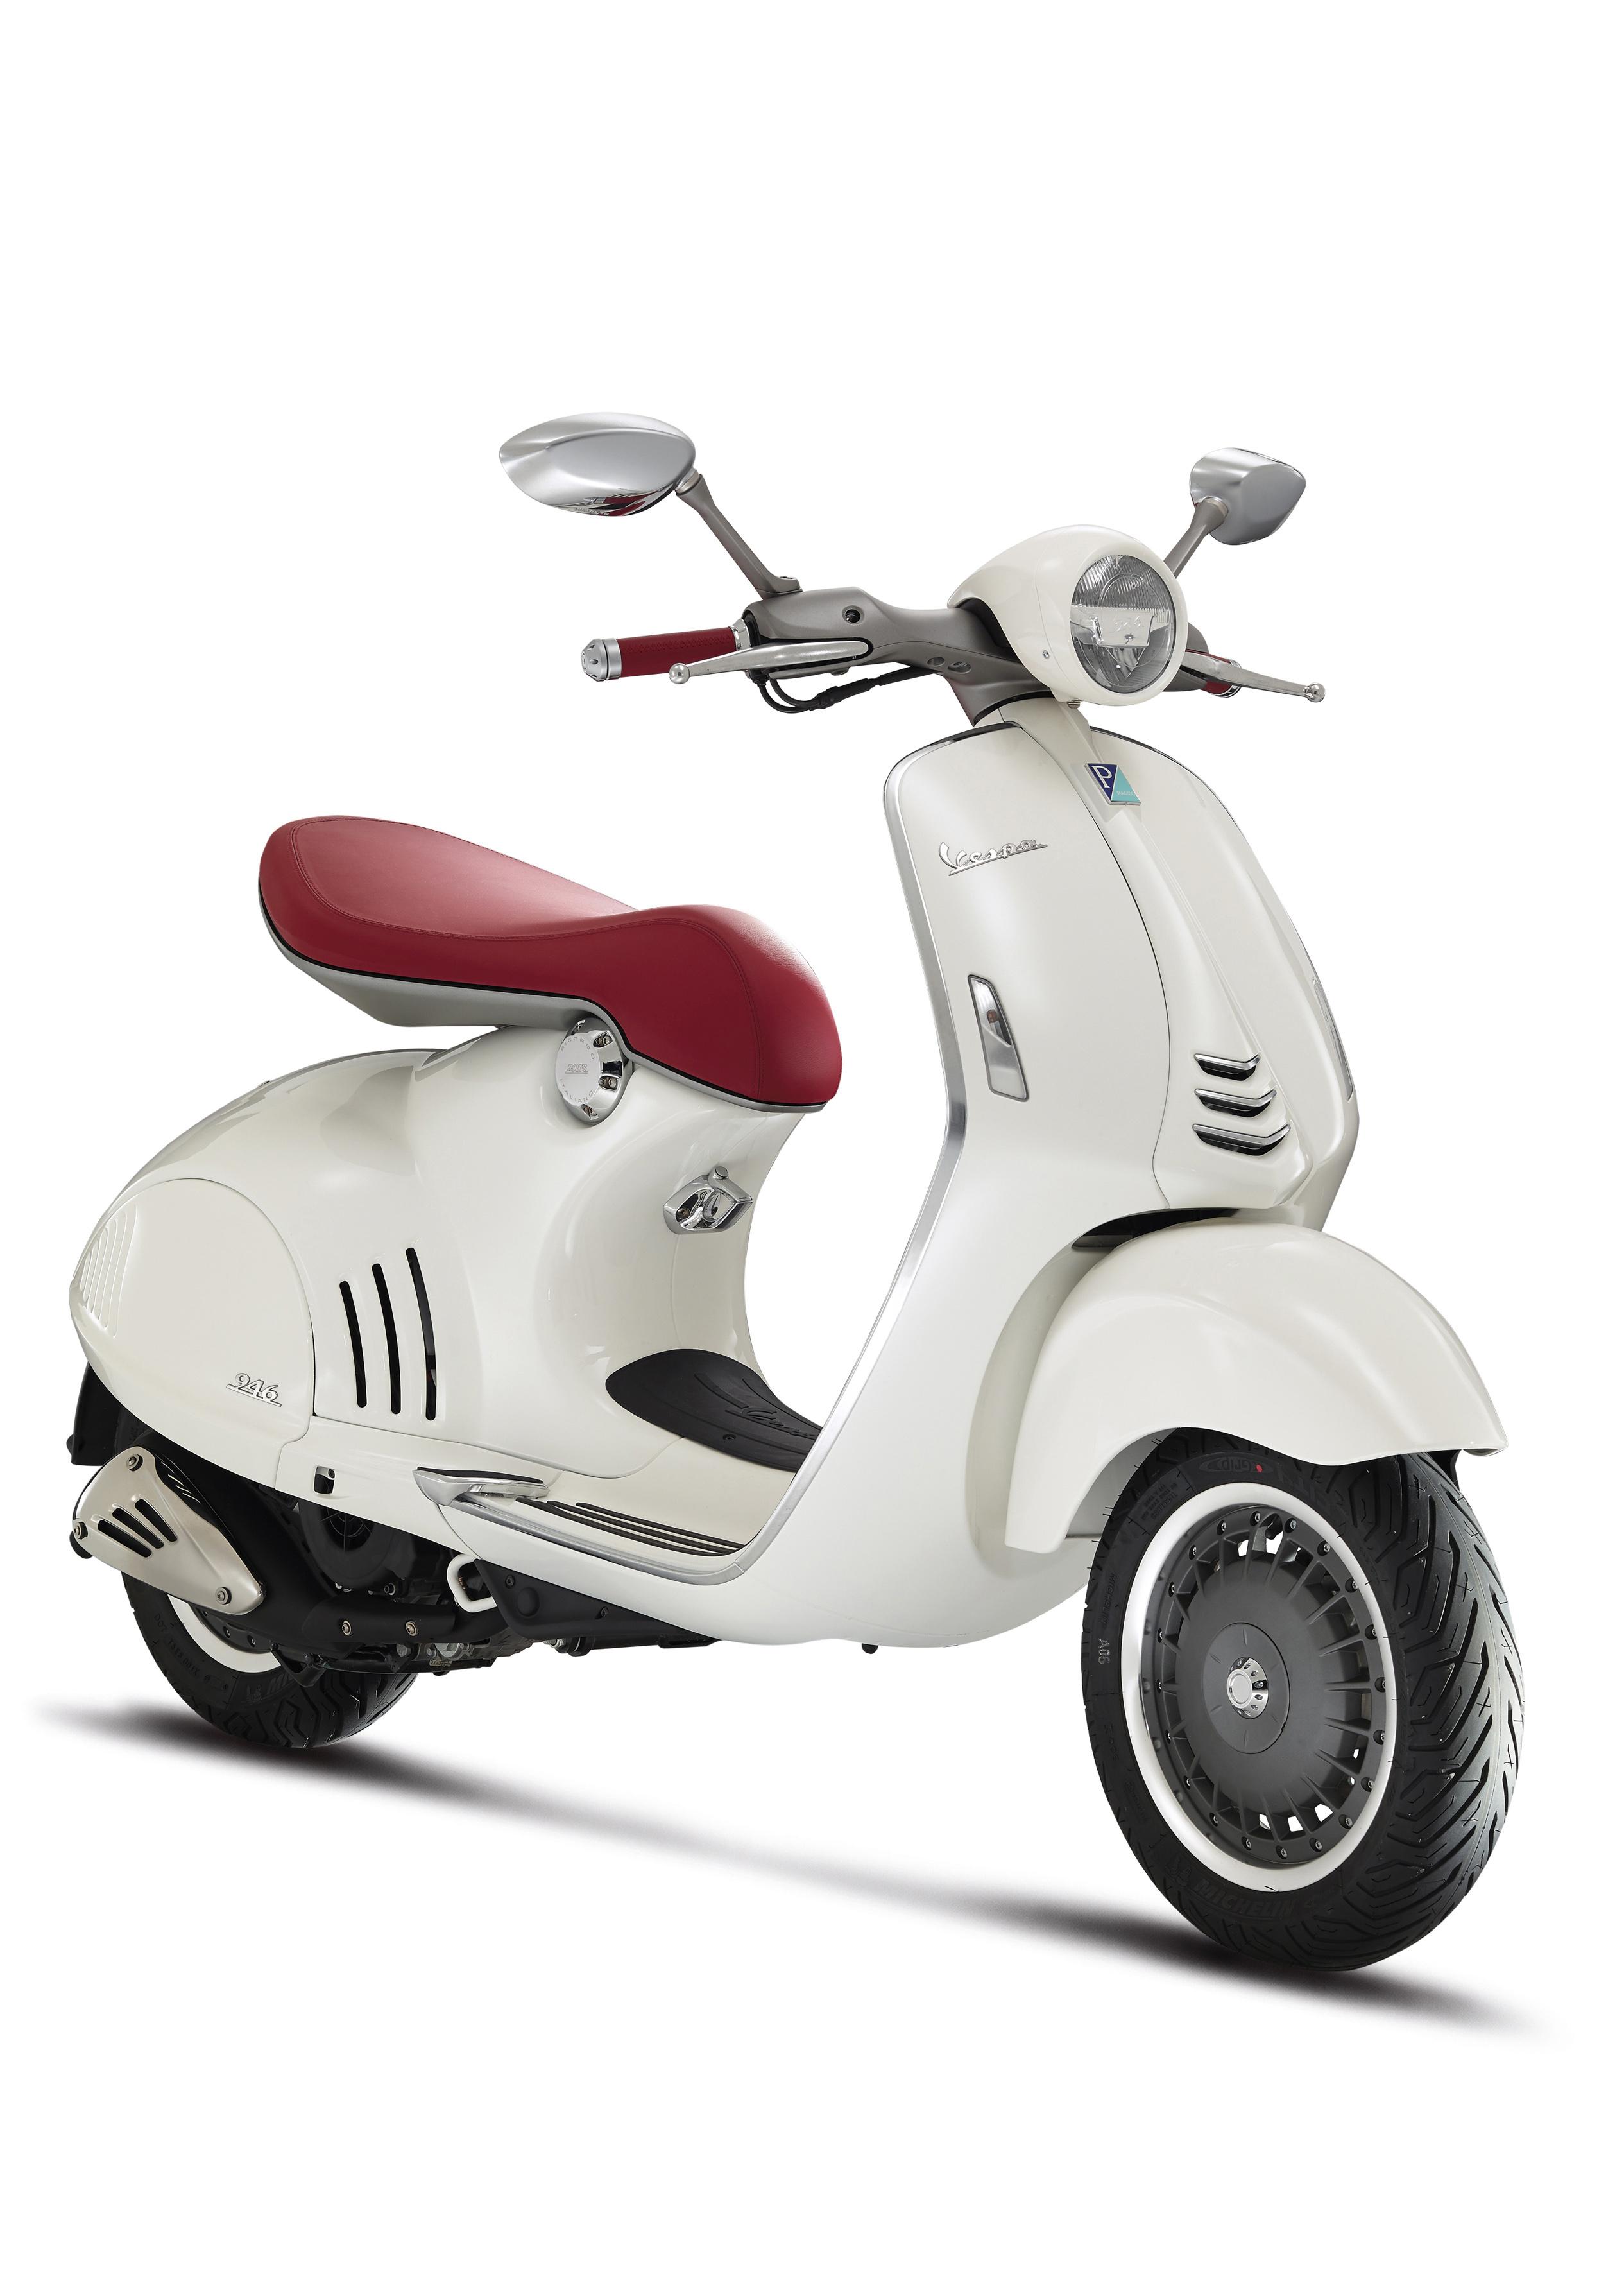 Vespa 946 White